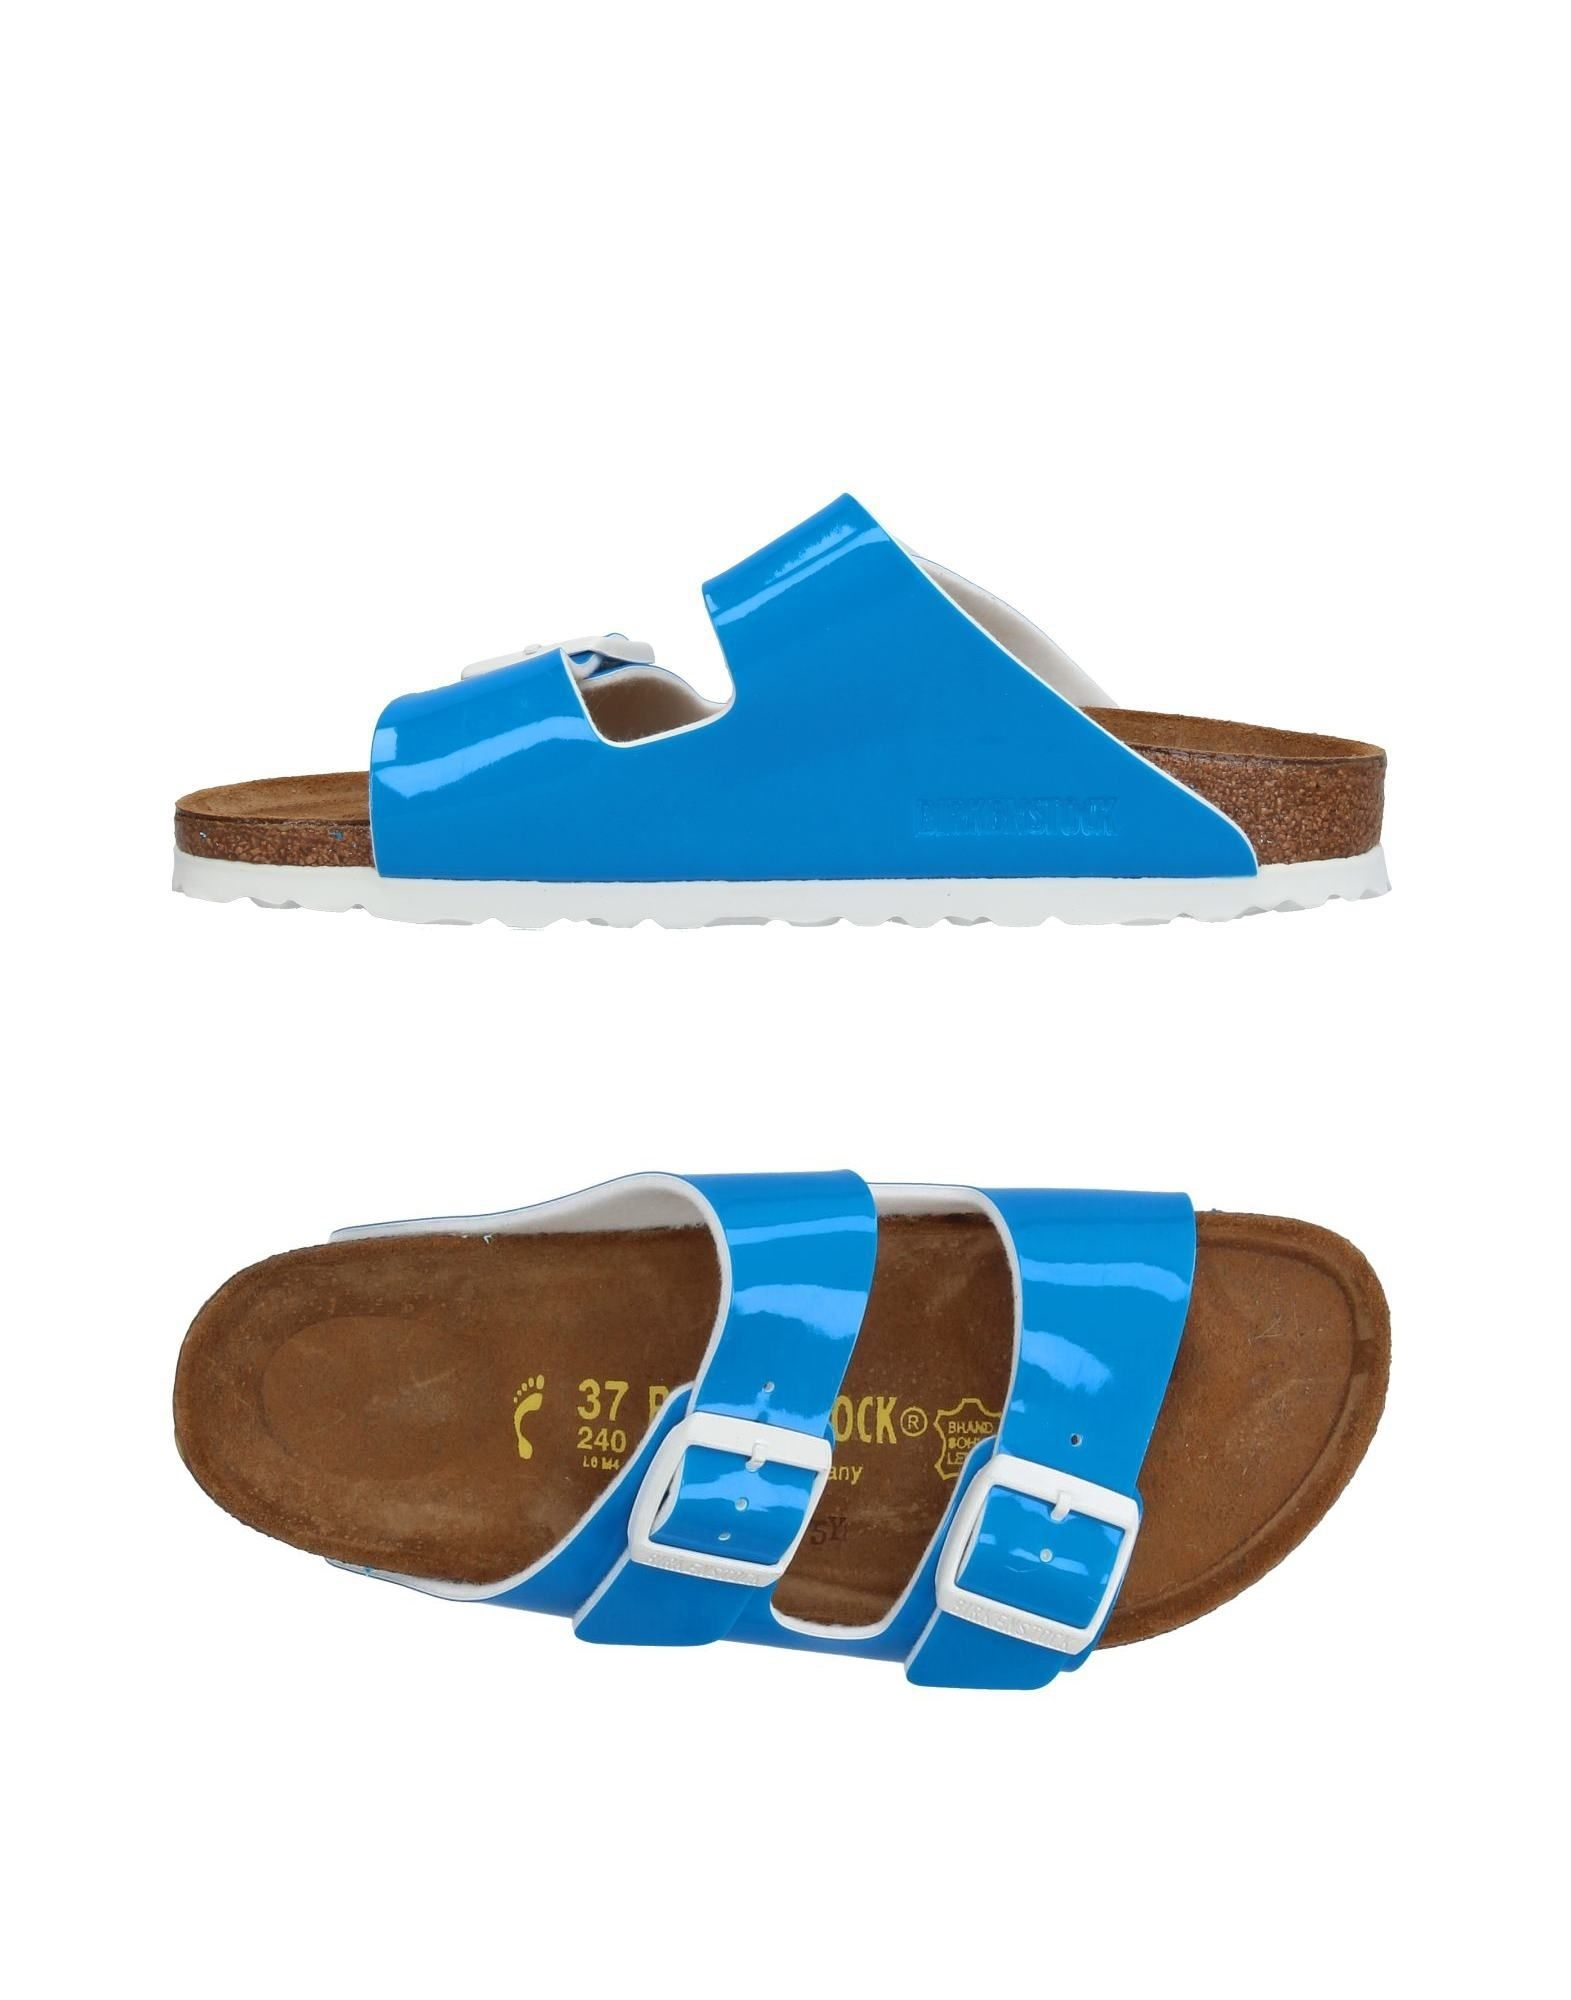 Birkenstock Sandalen Damen  11378503KG Gute Qualität beliebte Schuhe Schuhe Schuhe 451370